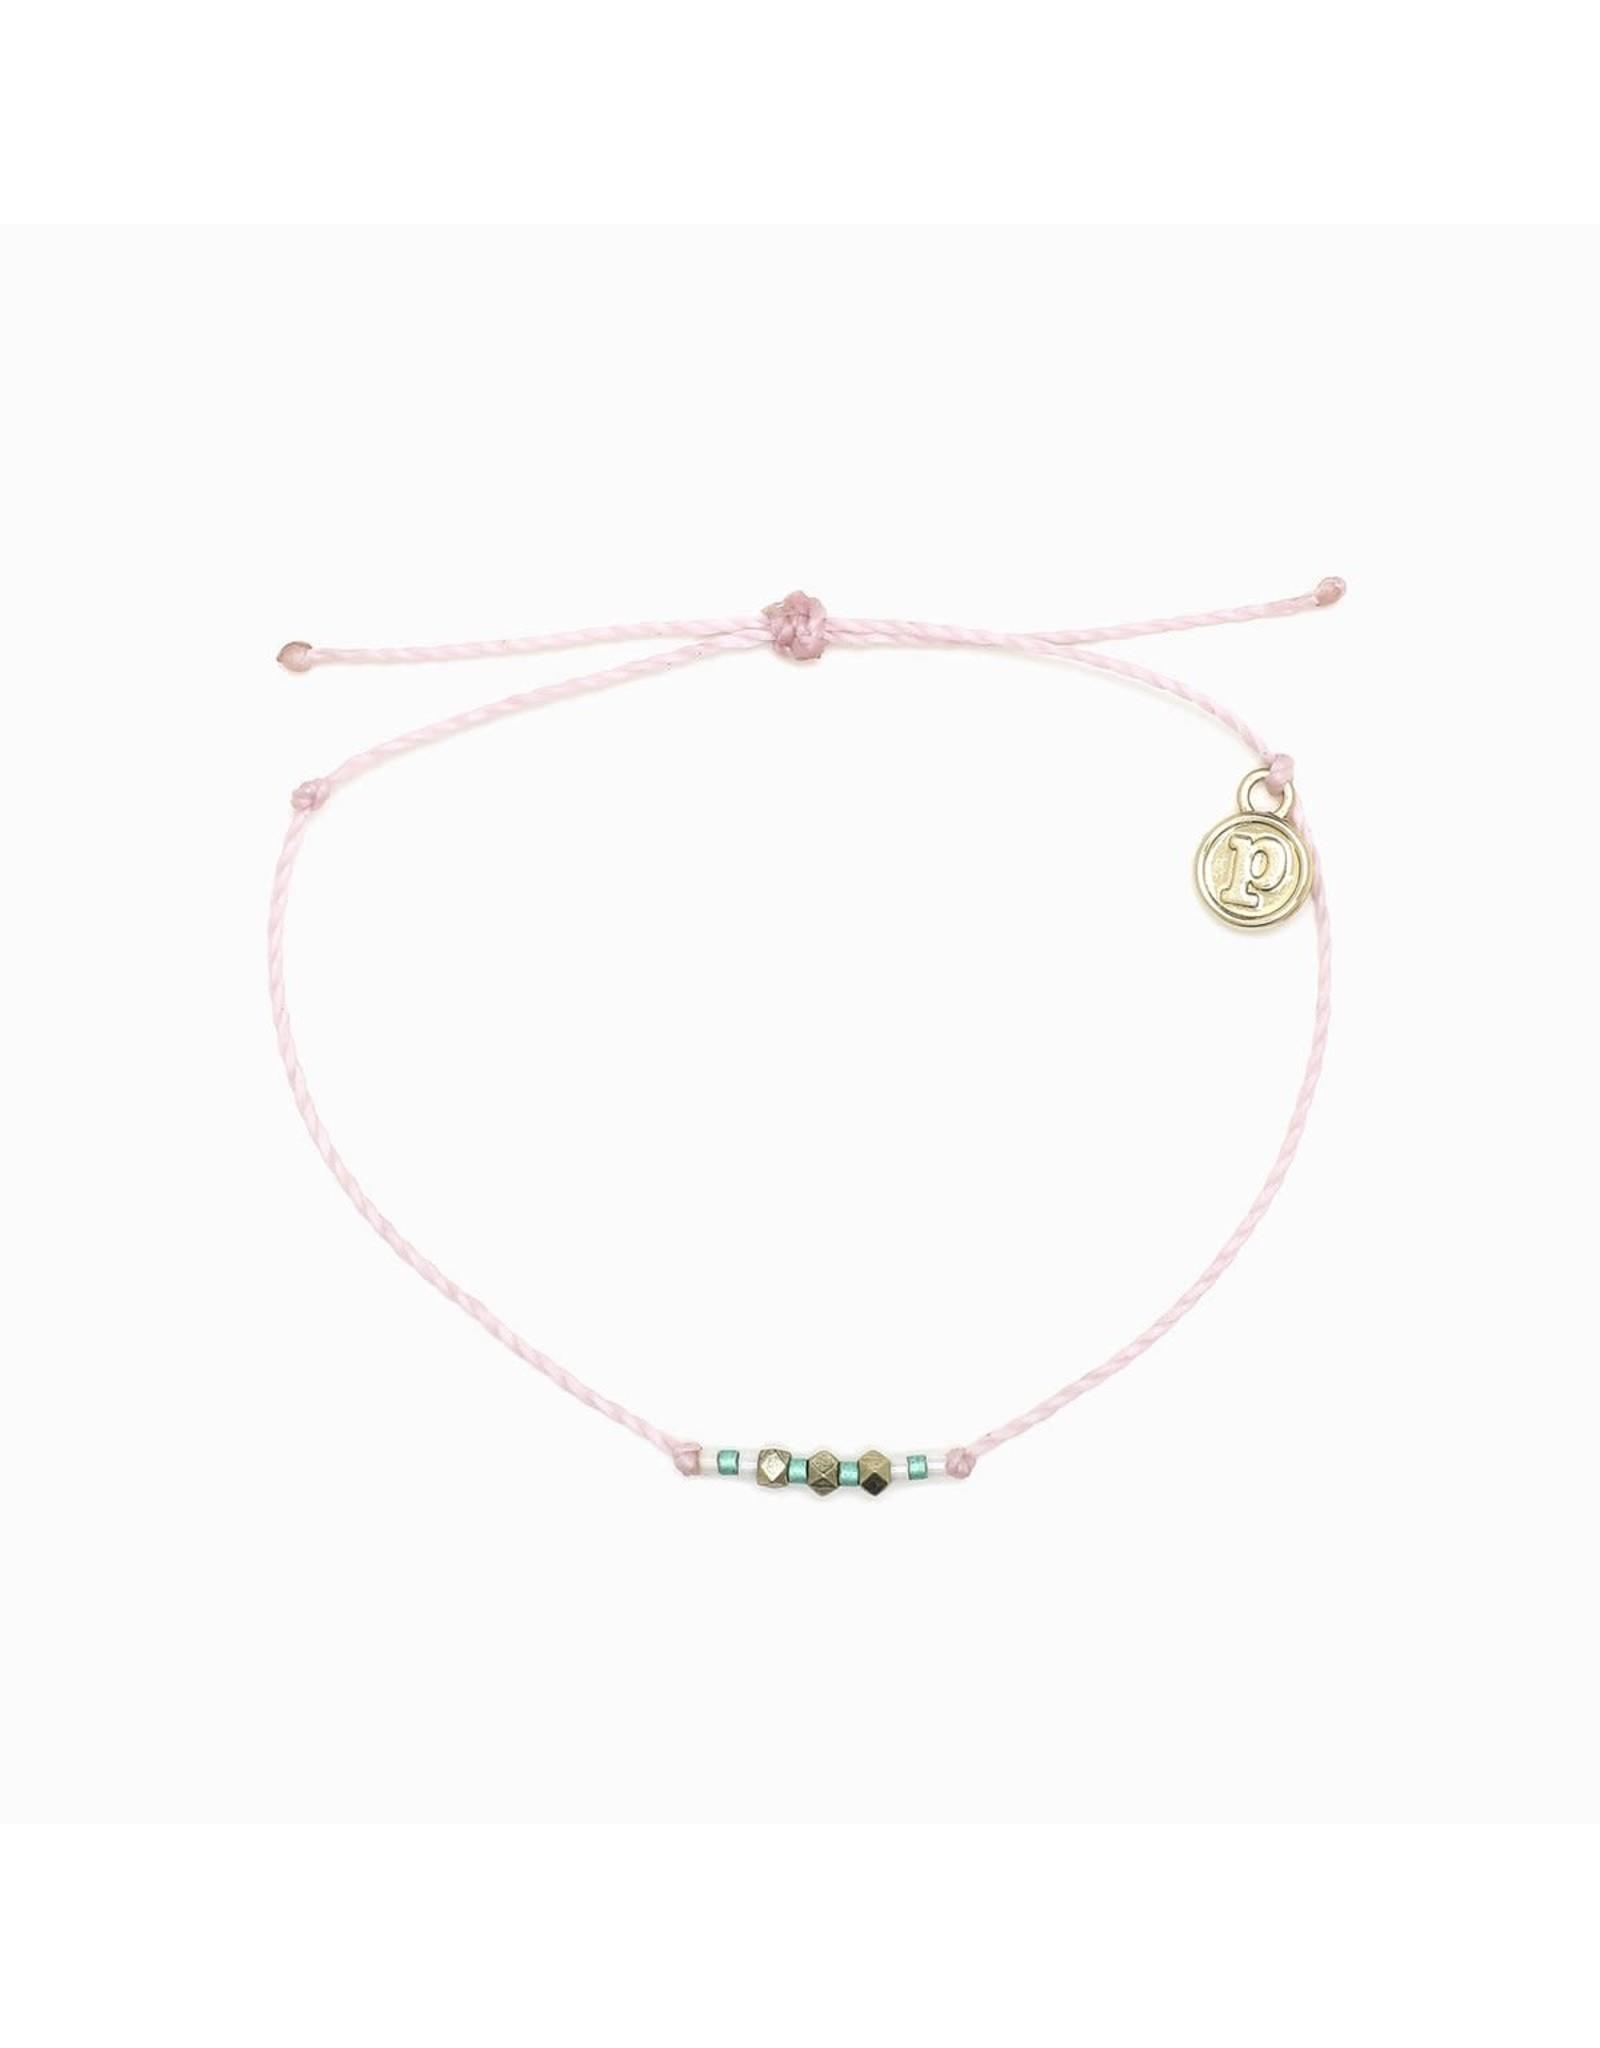 GOLD Delicate SEED BEAD Bracelet, LT PINK/ BLUE